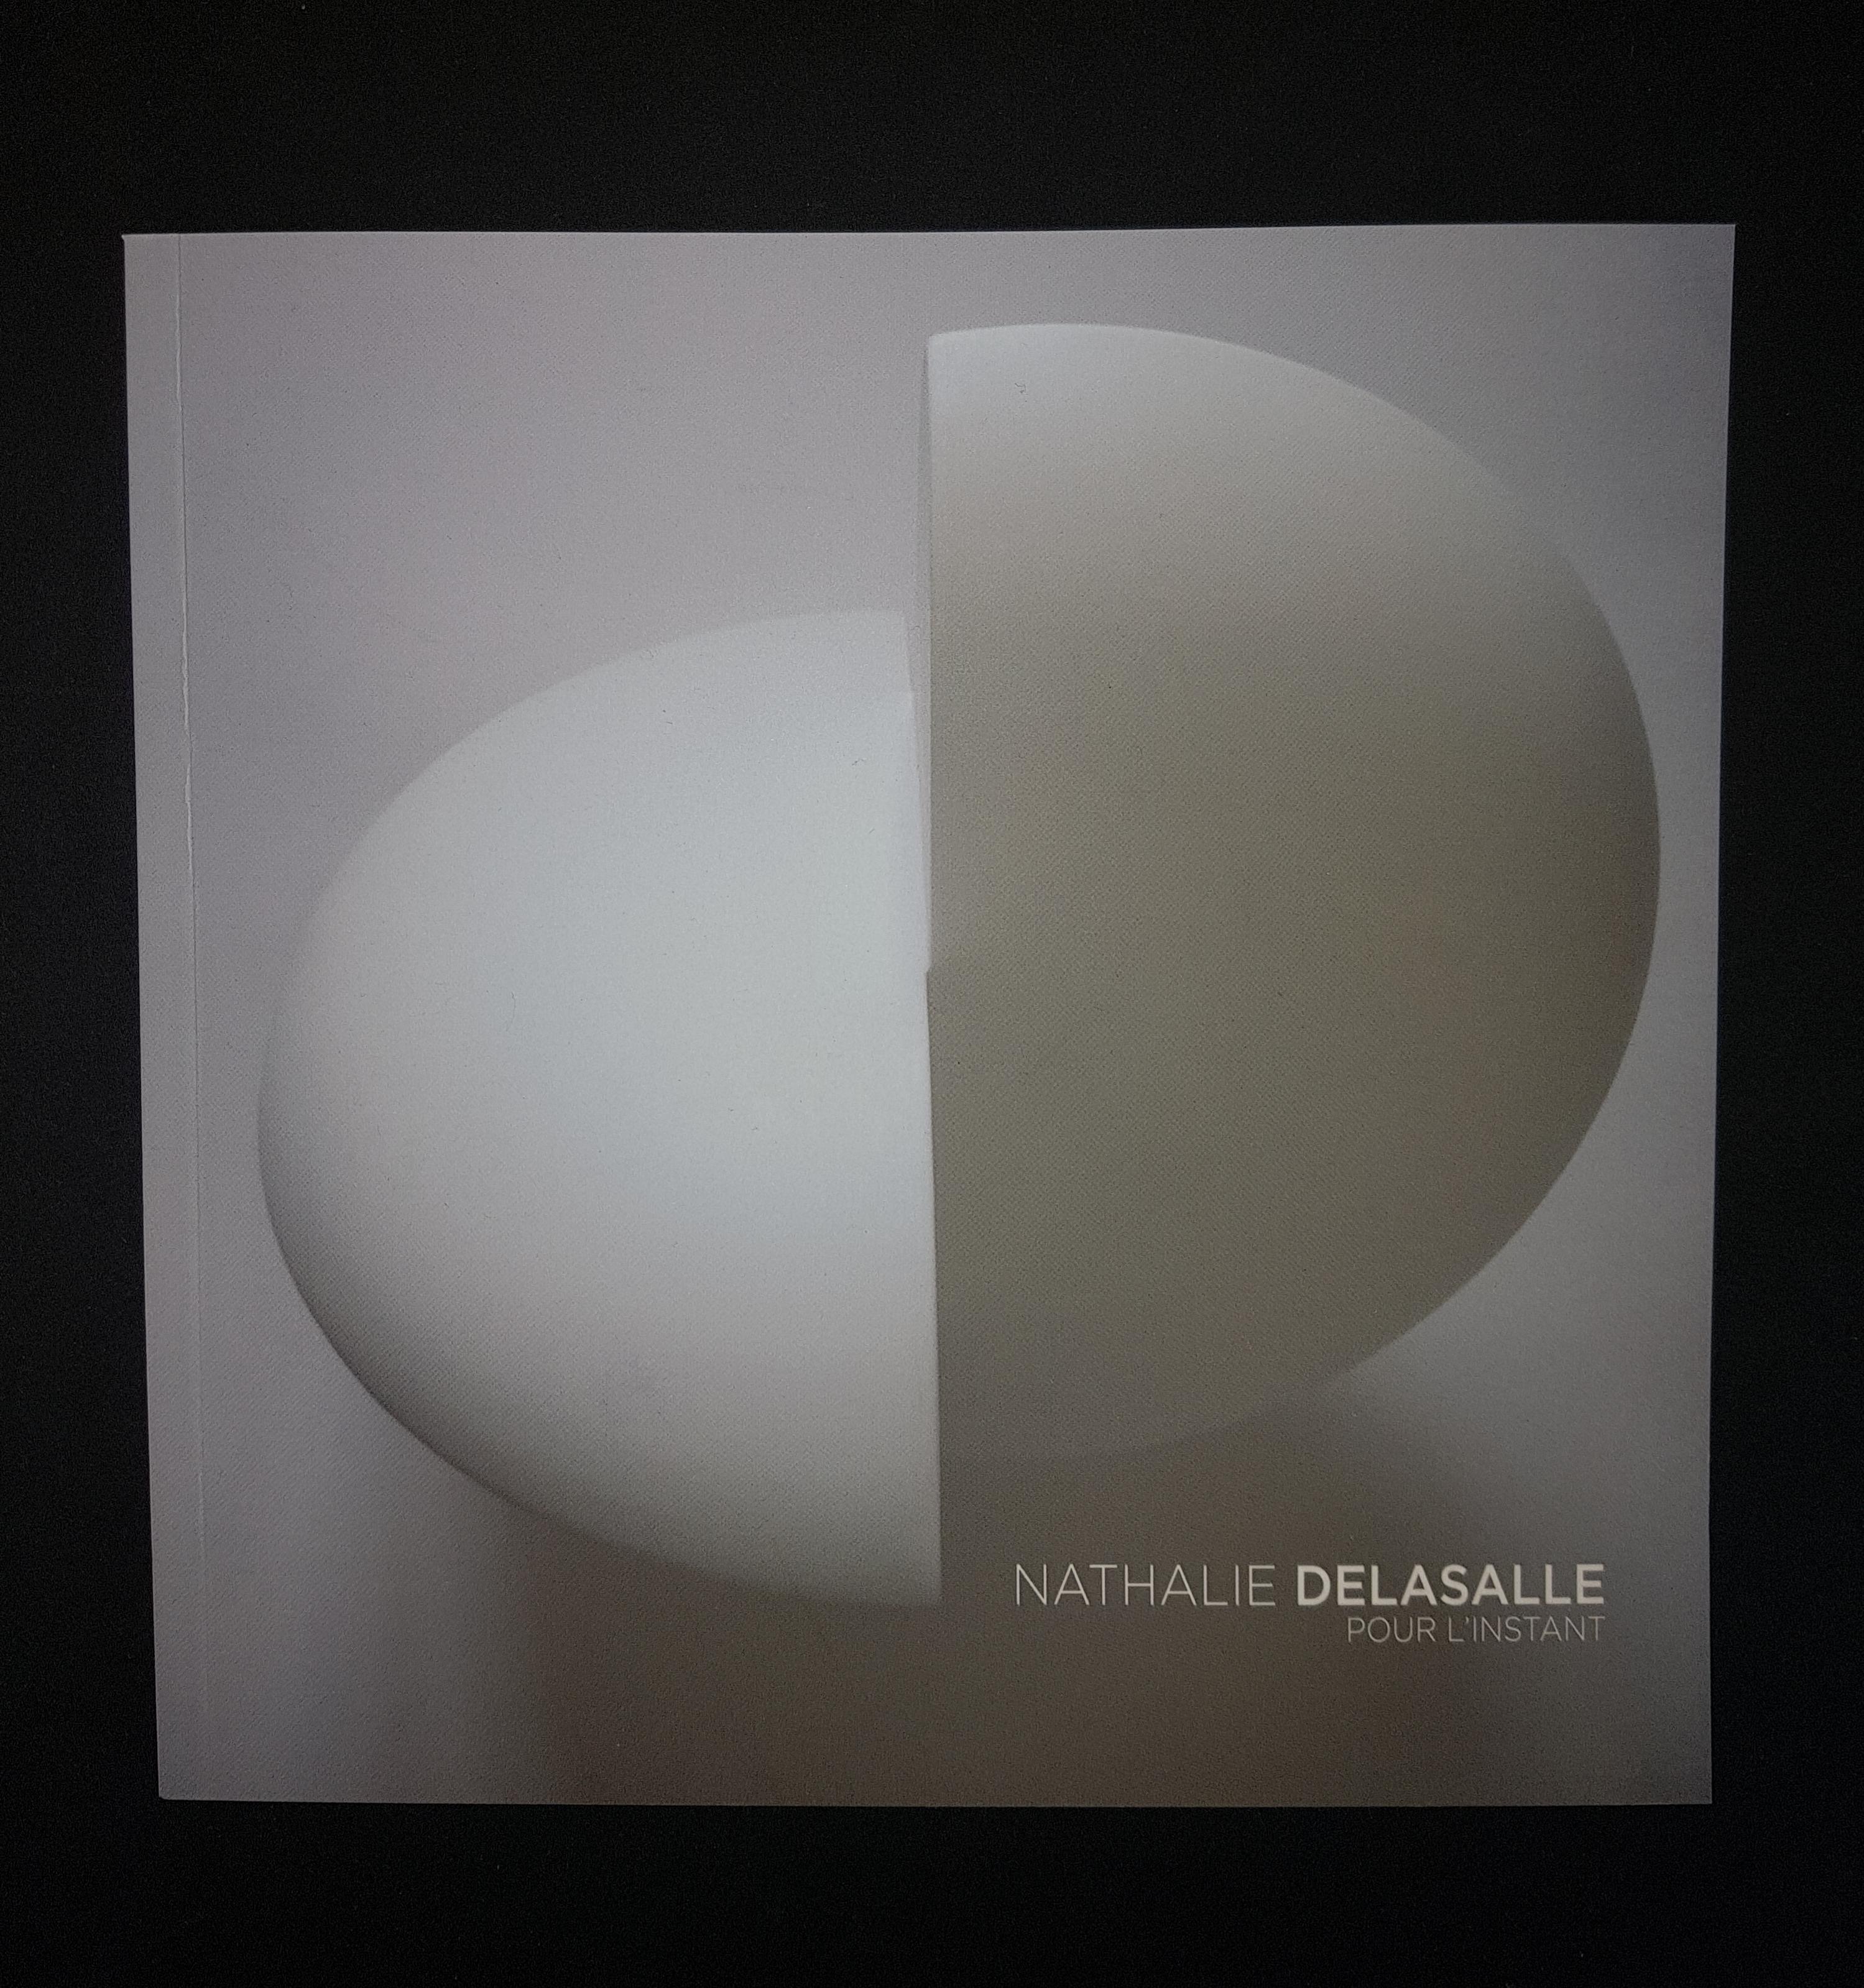 Nathalie Delasalle. Pour l'instant